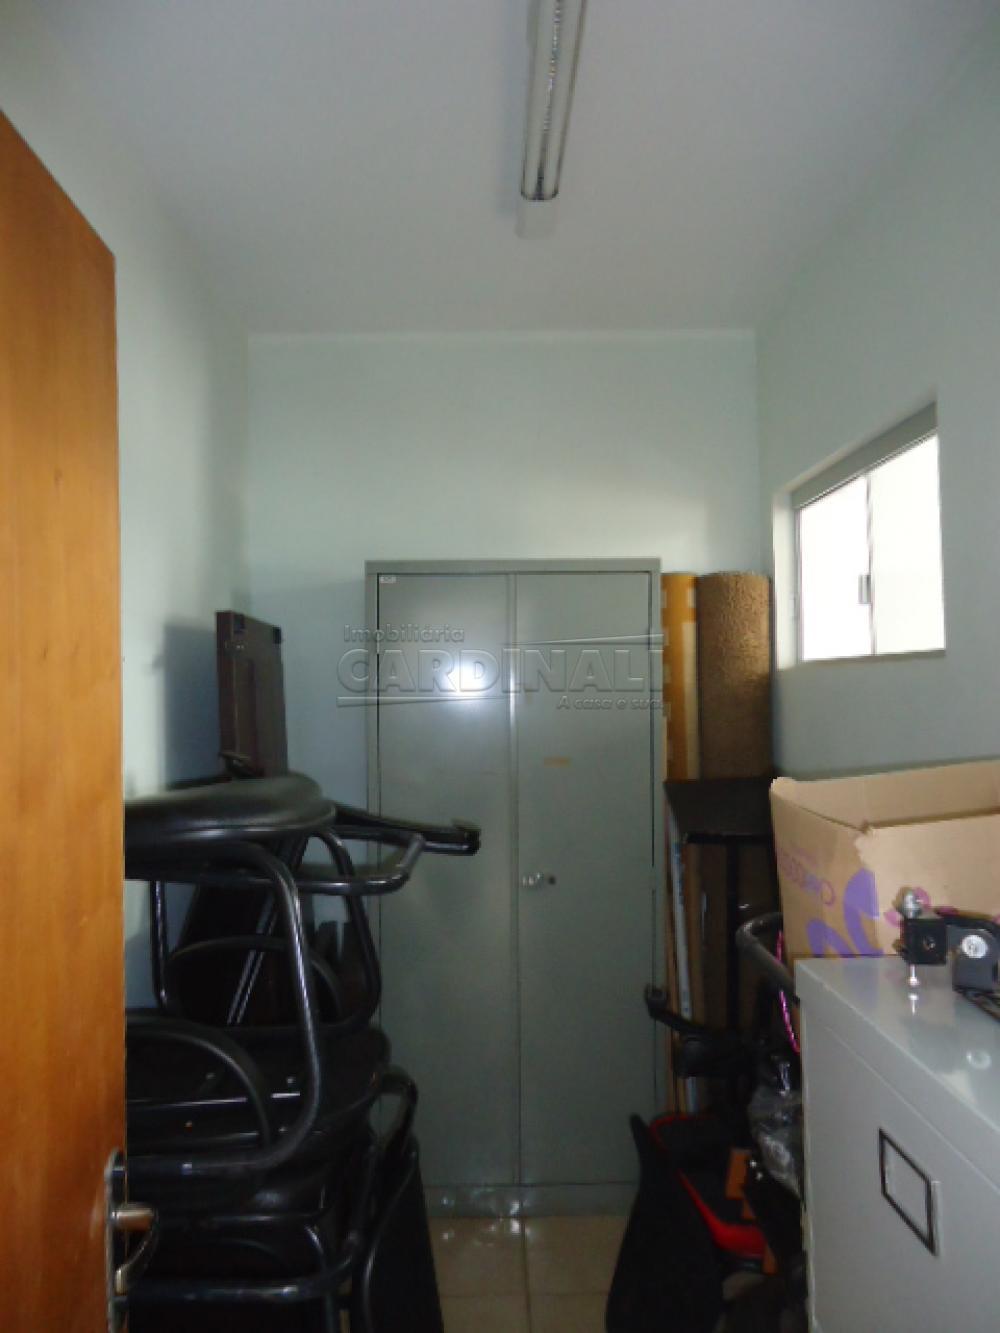 Alugar Comercial / Barracão em São Carlos apenas R$ 5.555,00 - Foto 23